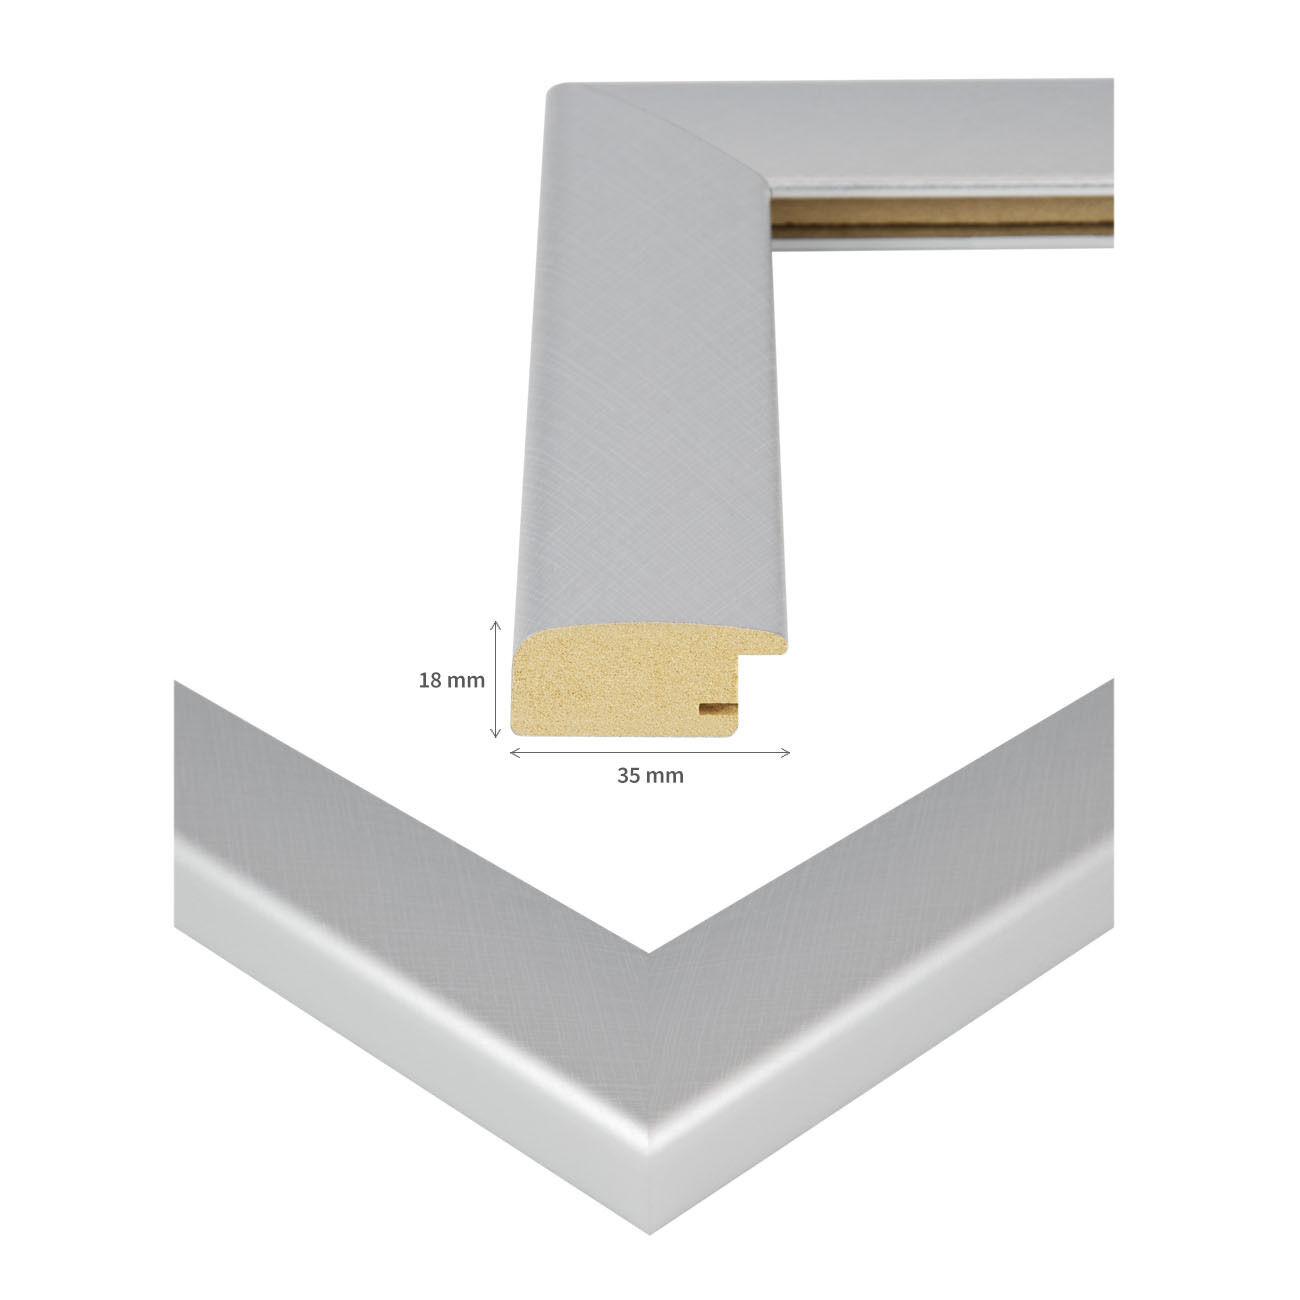 Bilderrahmen Holz Rahmen 50x70 50x75 DIN A1 A0 60x80 60x90 61x91 70x100 80x120 Alu gebürstet